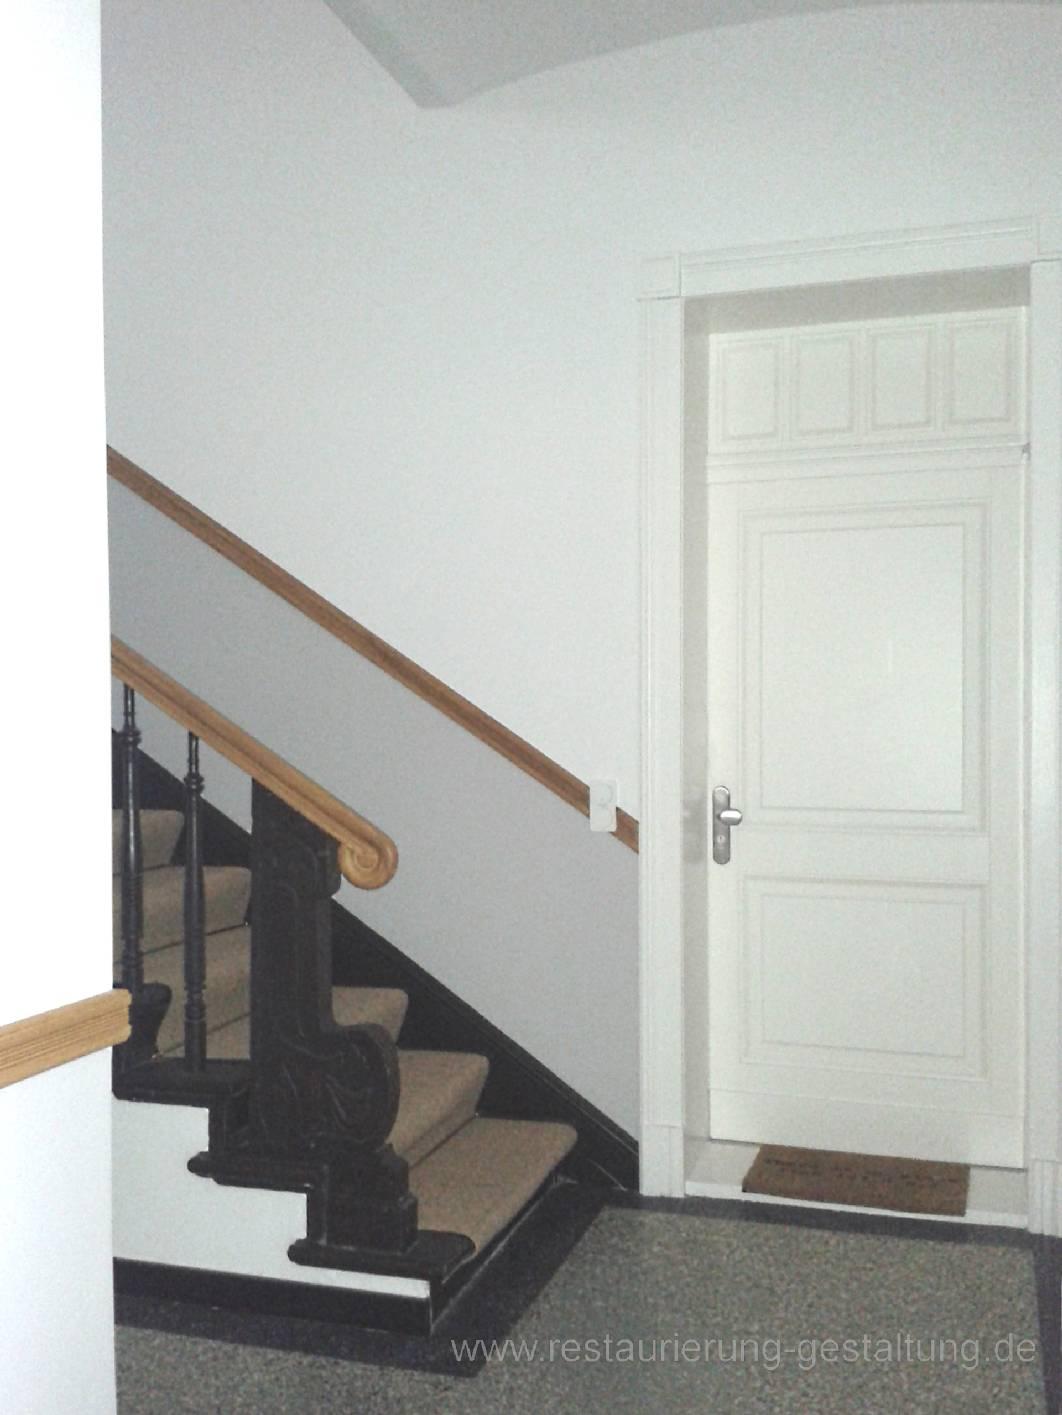 AuBergewohnlich Eingang Von Der Durchfahrt Zum Treppenhaus Mit Treppenhausgestaltung In  Holzimitation Und Holzmalerei Vom Restaurator Für Holzmalerei